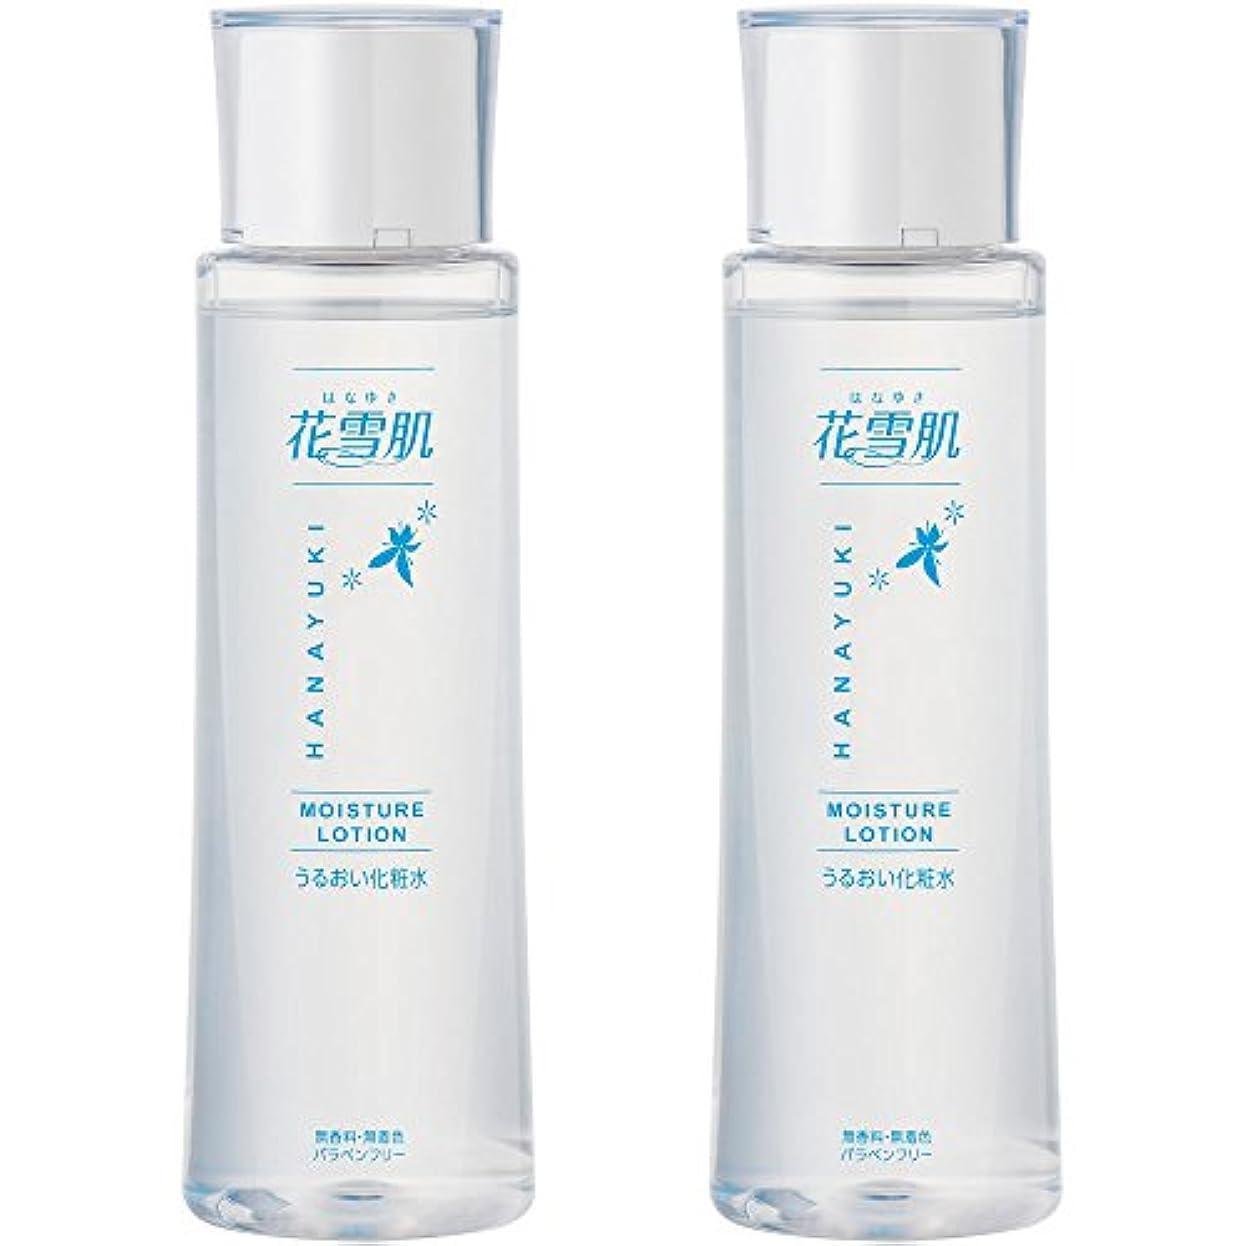 工業化するエレクトロニック体花雪肌 うるおい化粧水 (200ml × 2本セット) [10種類の美容液成分を配合] ヒアルロン酸 コラーゲン